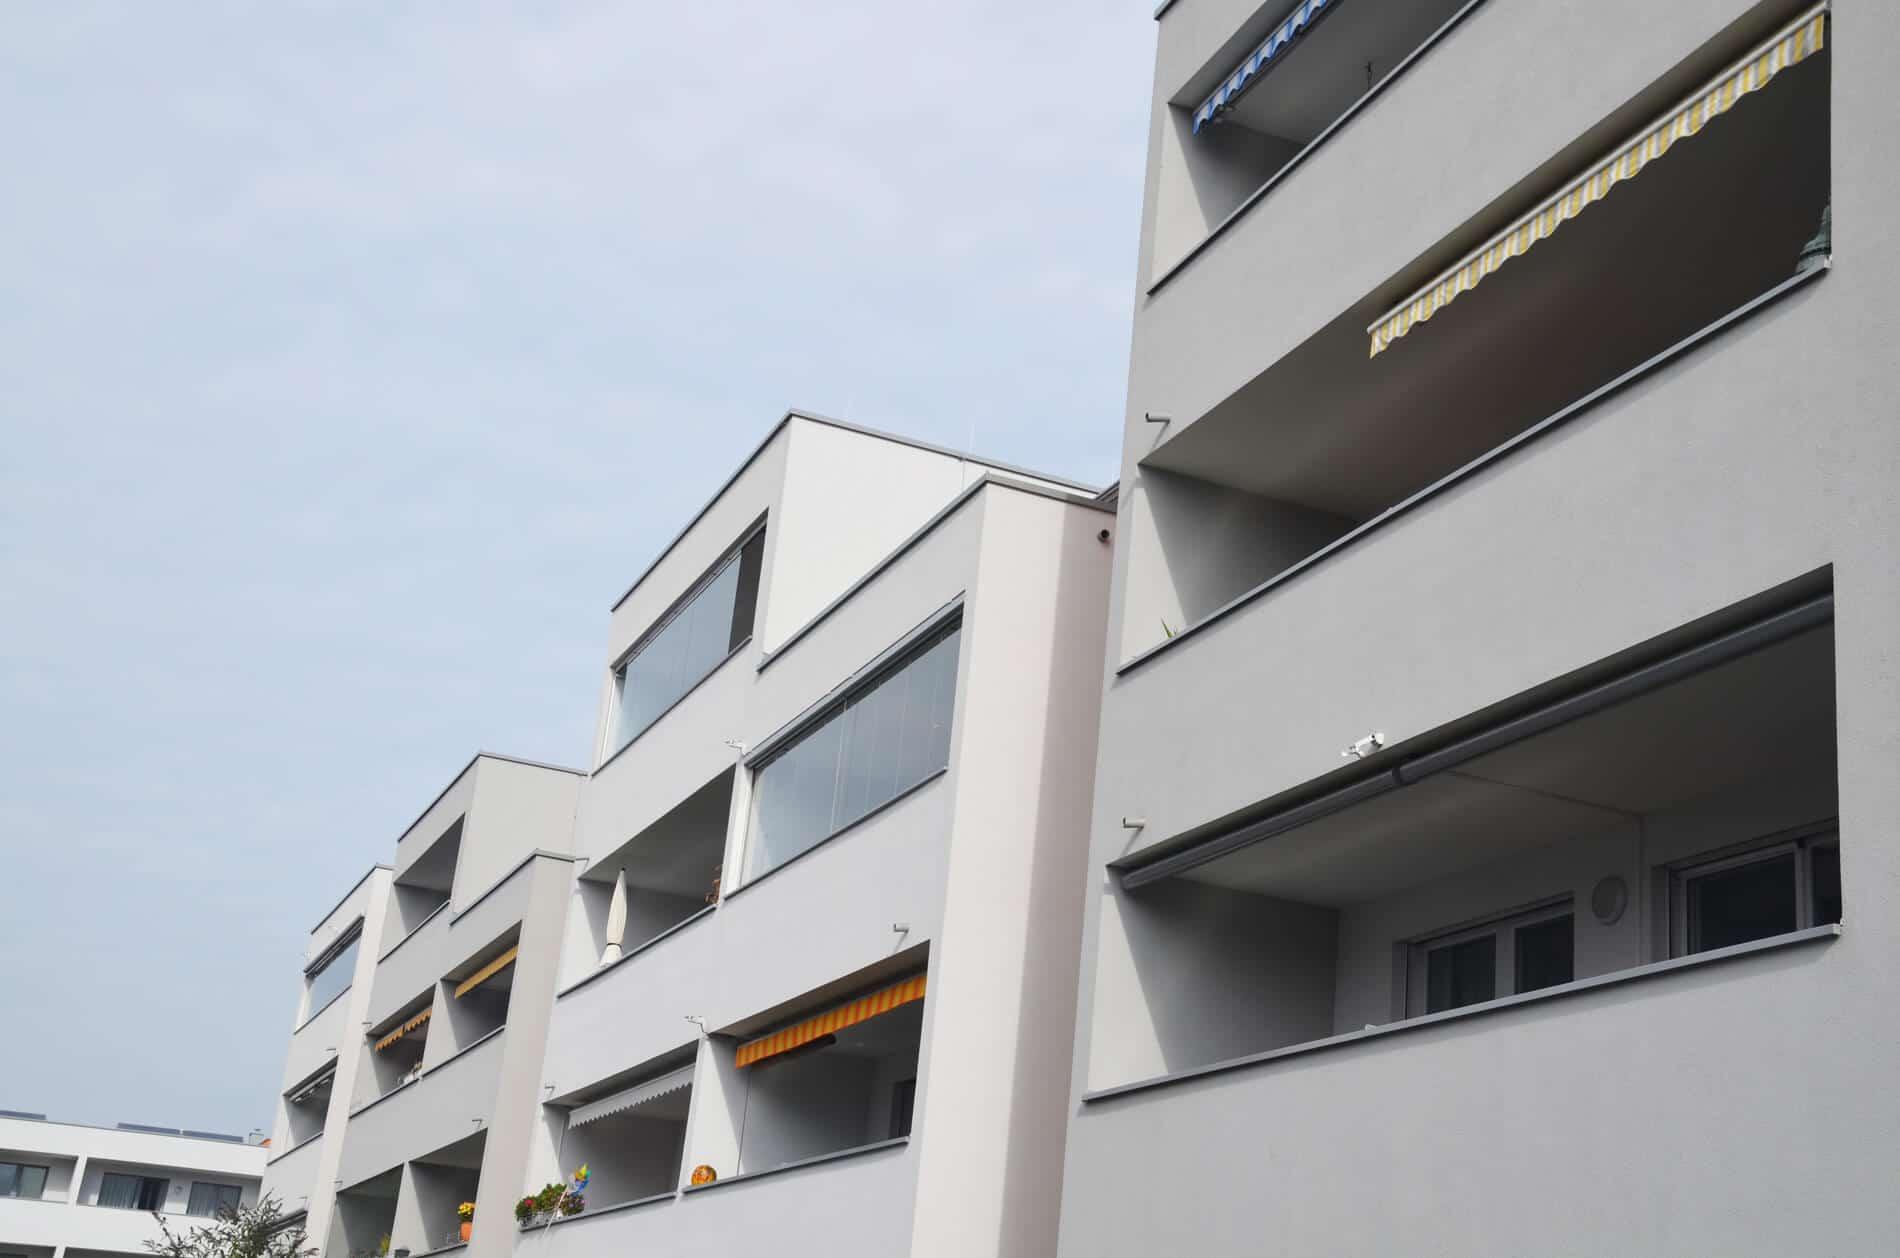 glas windschutz f r balkone verl ngern sie den sommer. Black Bedroom Furniture Sets. Home Design Ideas